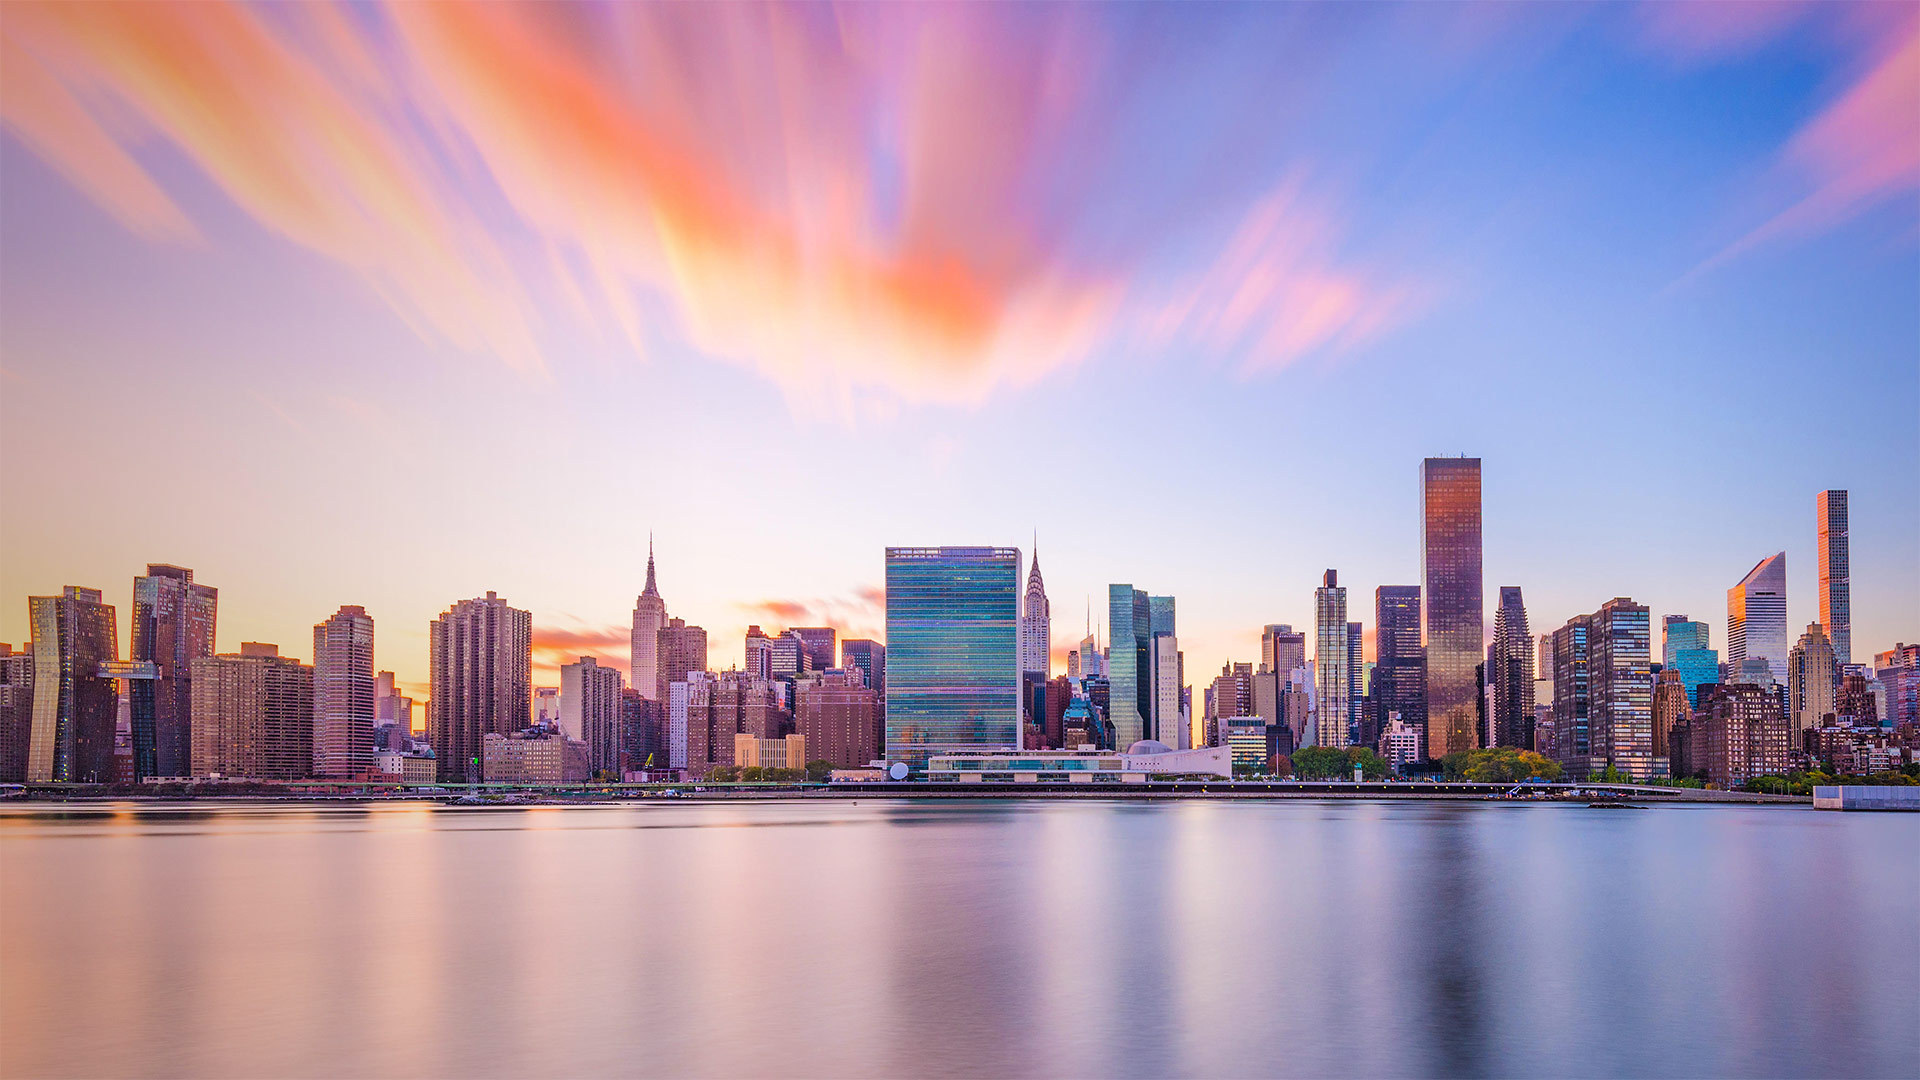 纽约市的天际线与联合国总部大楼 联合国总部大楼